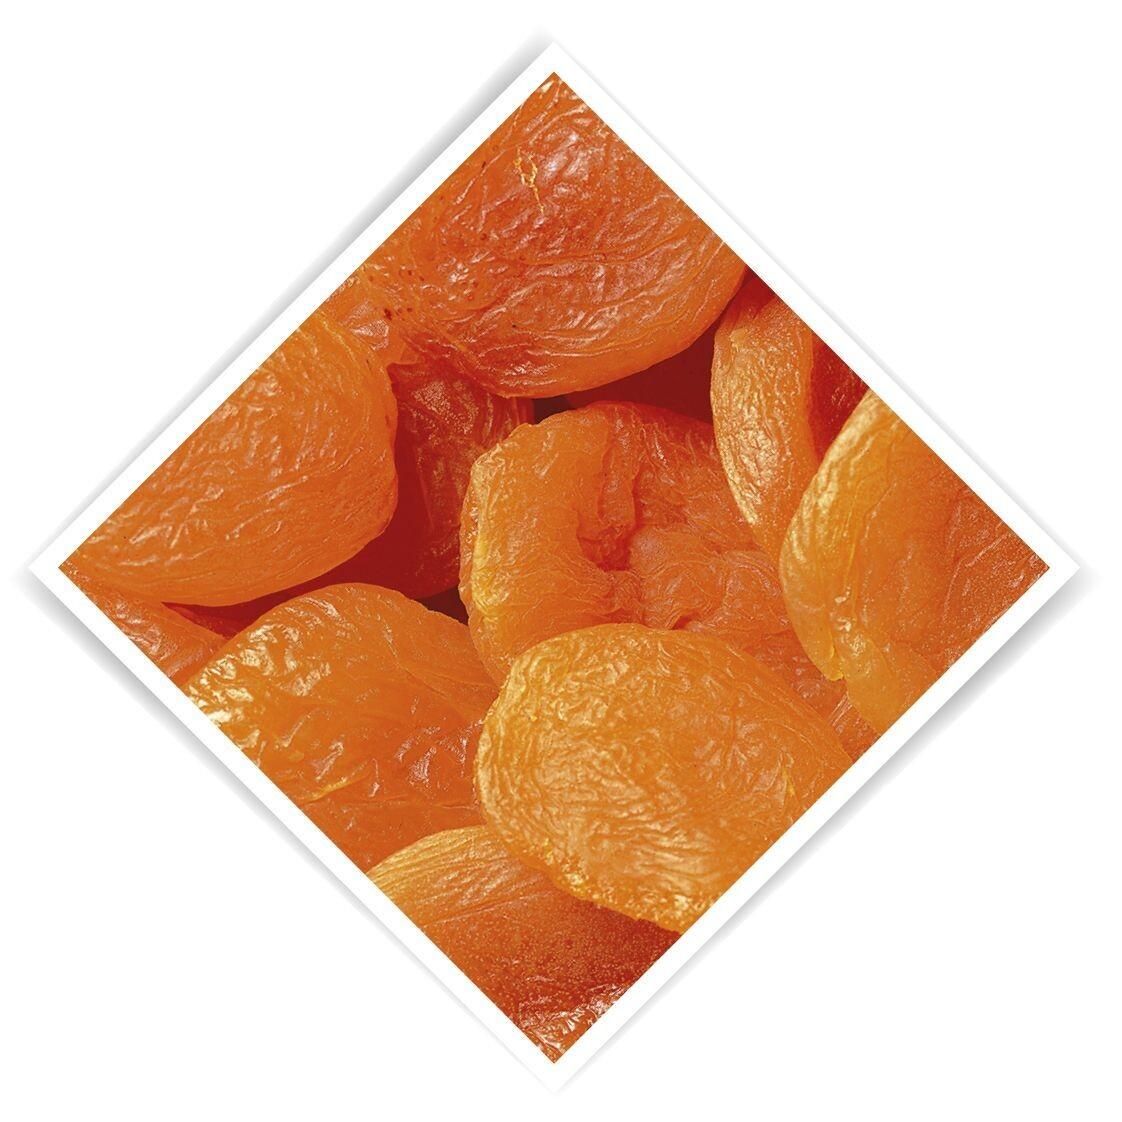 Dried Apricots Jumbo 2.5kg De Notekraker